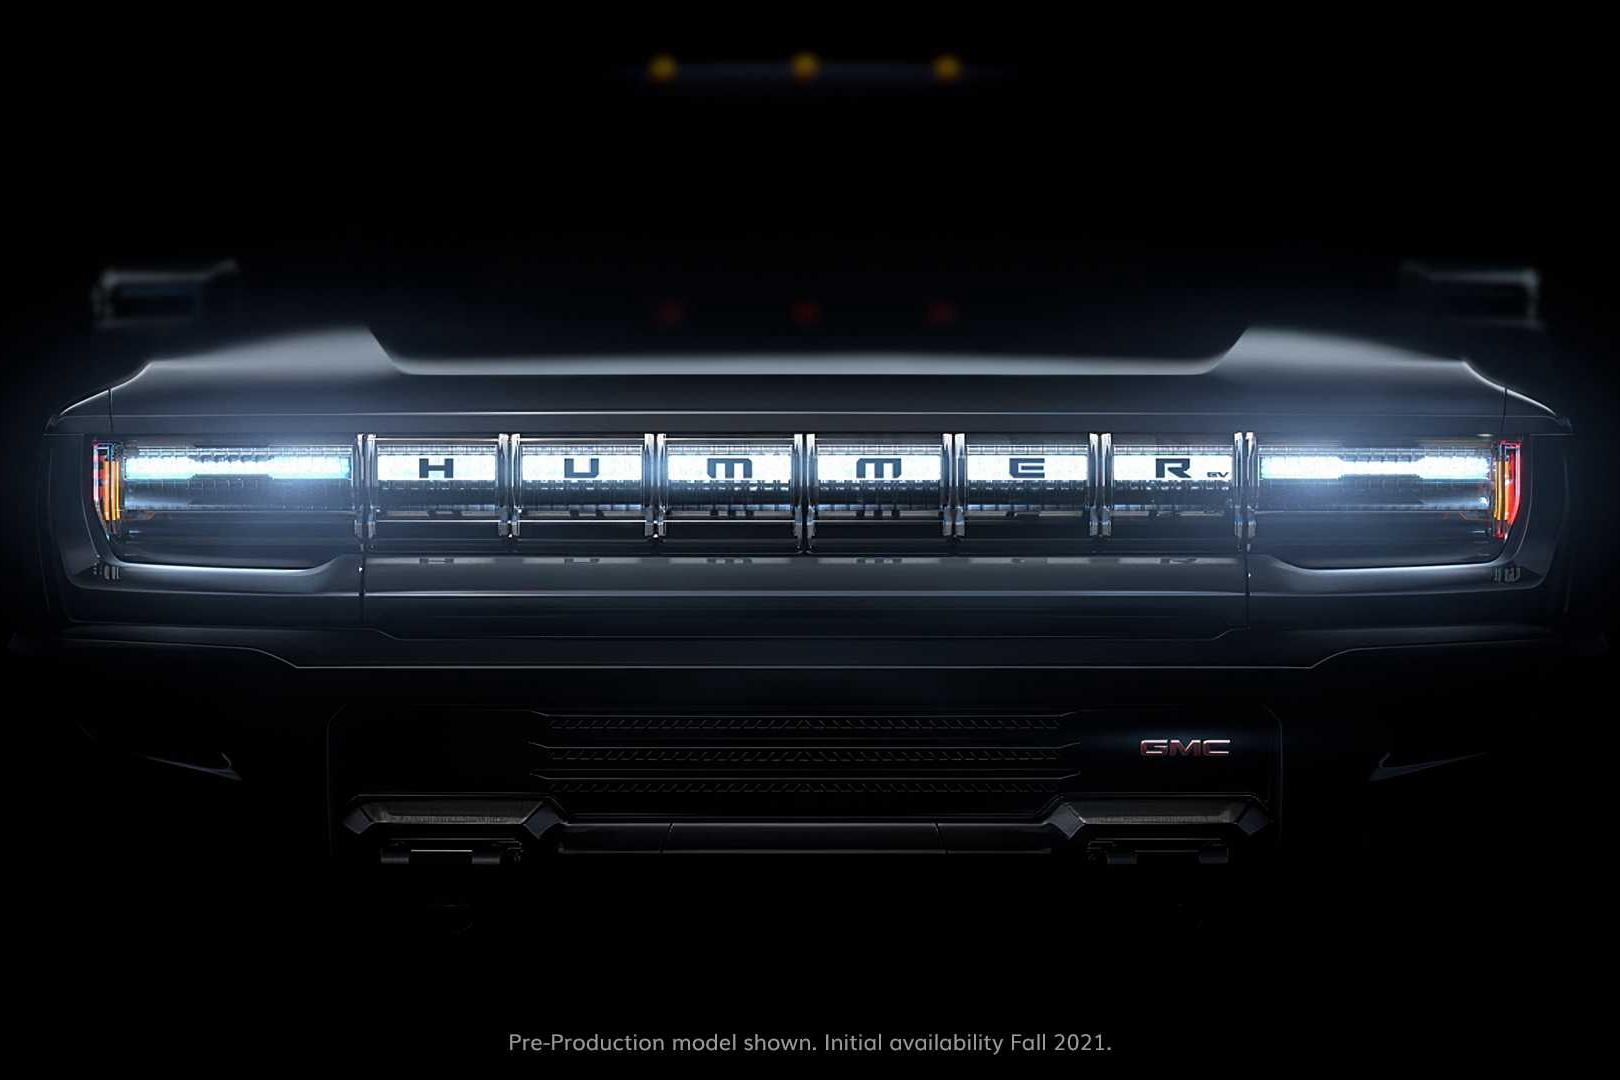 悍马EV超级皮卡:世界,你可以接受我了吗?